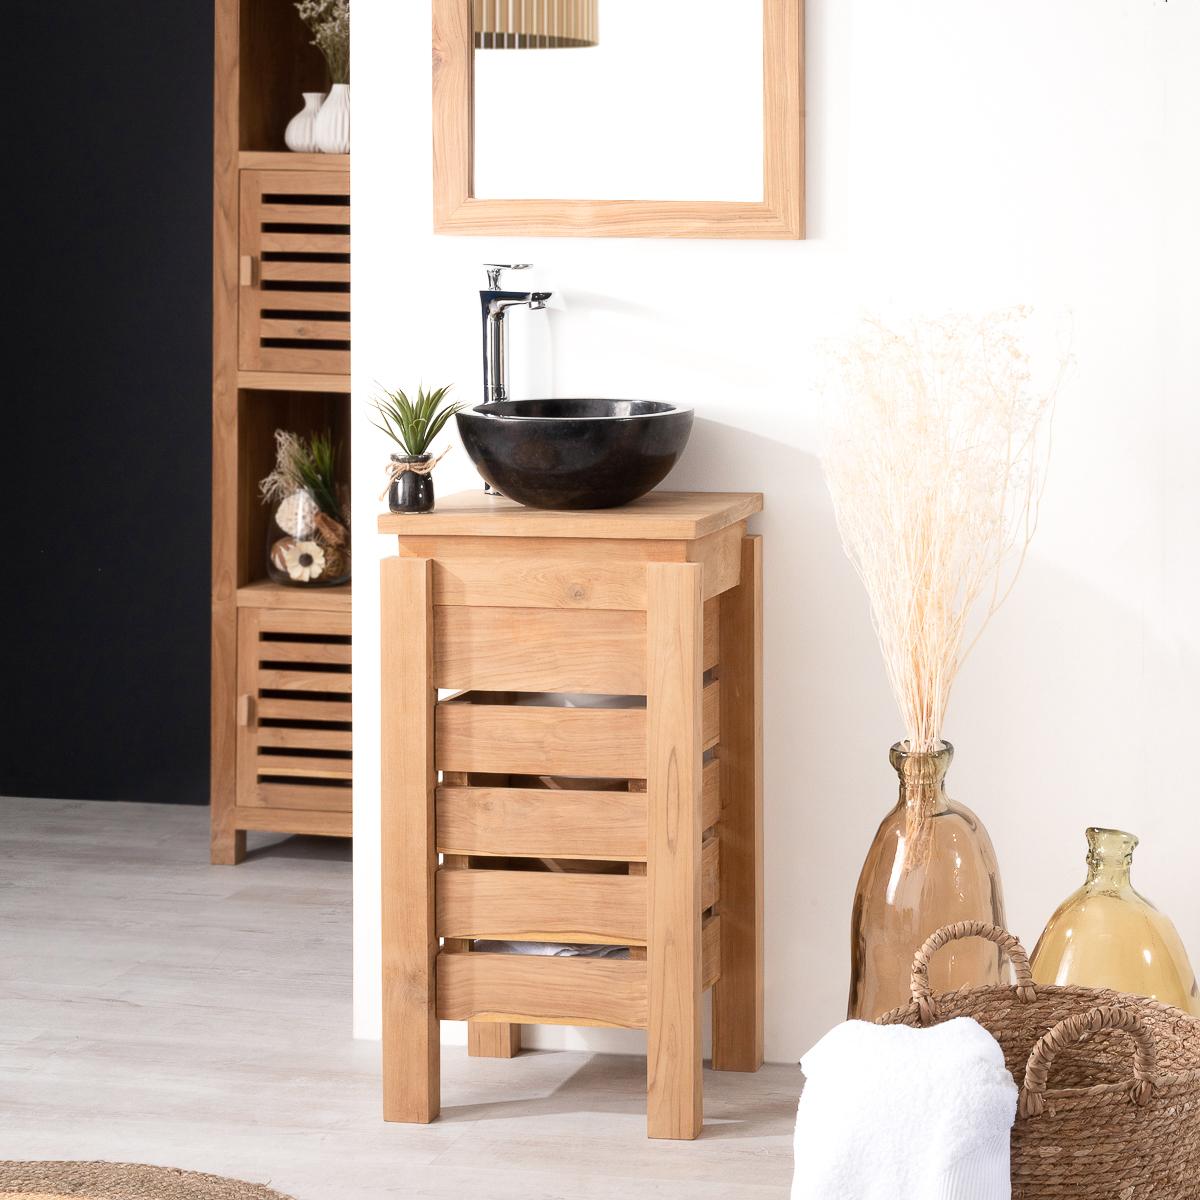 Mueble peque o para cuarto de ba o wc zen de teca 40 cm for Mueble bano pequeno ikea